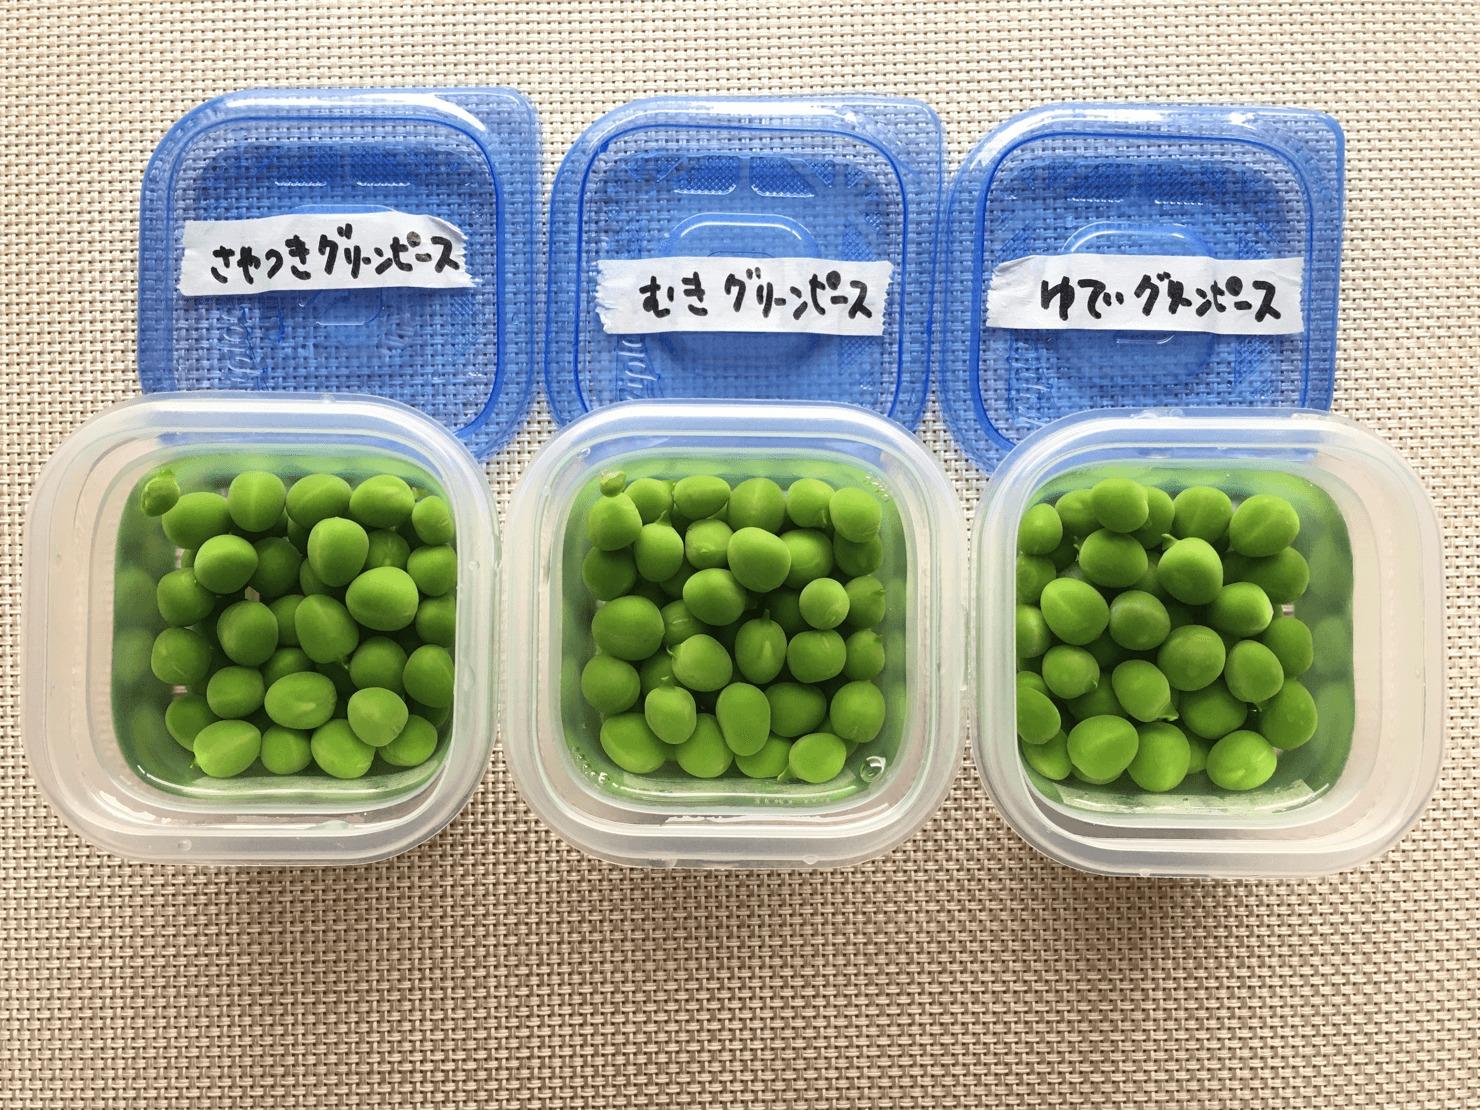 3種の冷凍法のグリーンピースと夕食の写真